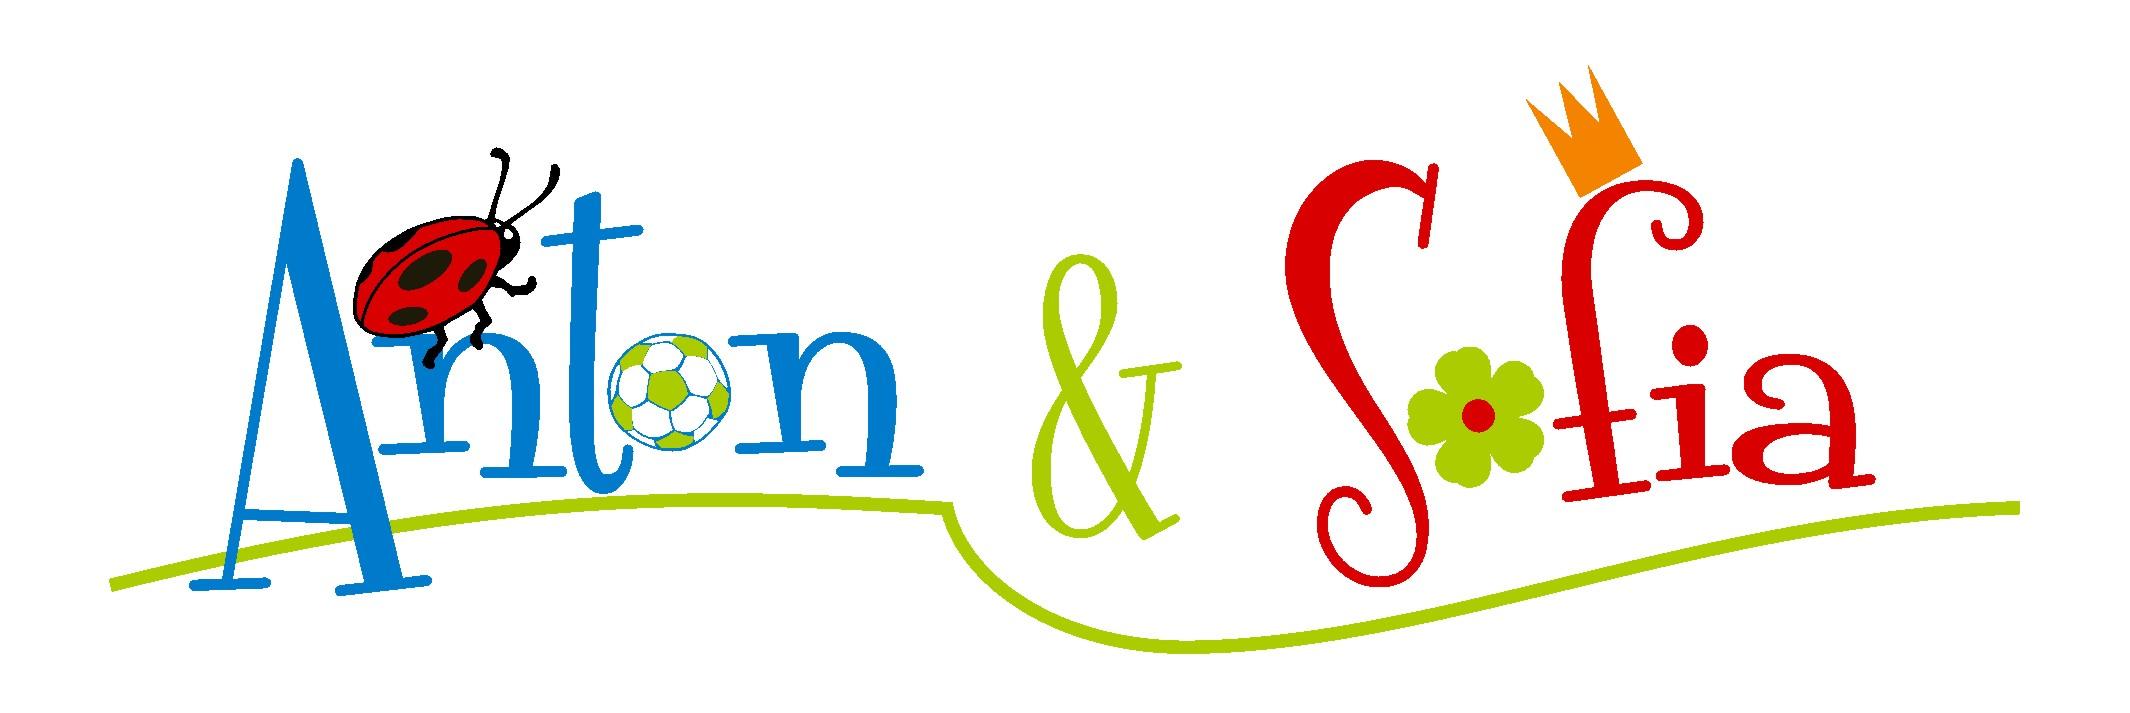 Логотип и вывеска для магазина детской одежды фото f_4c87230bdc7d5.jpg